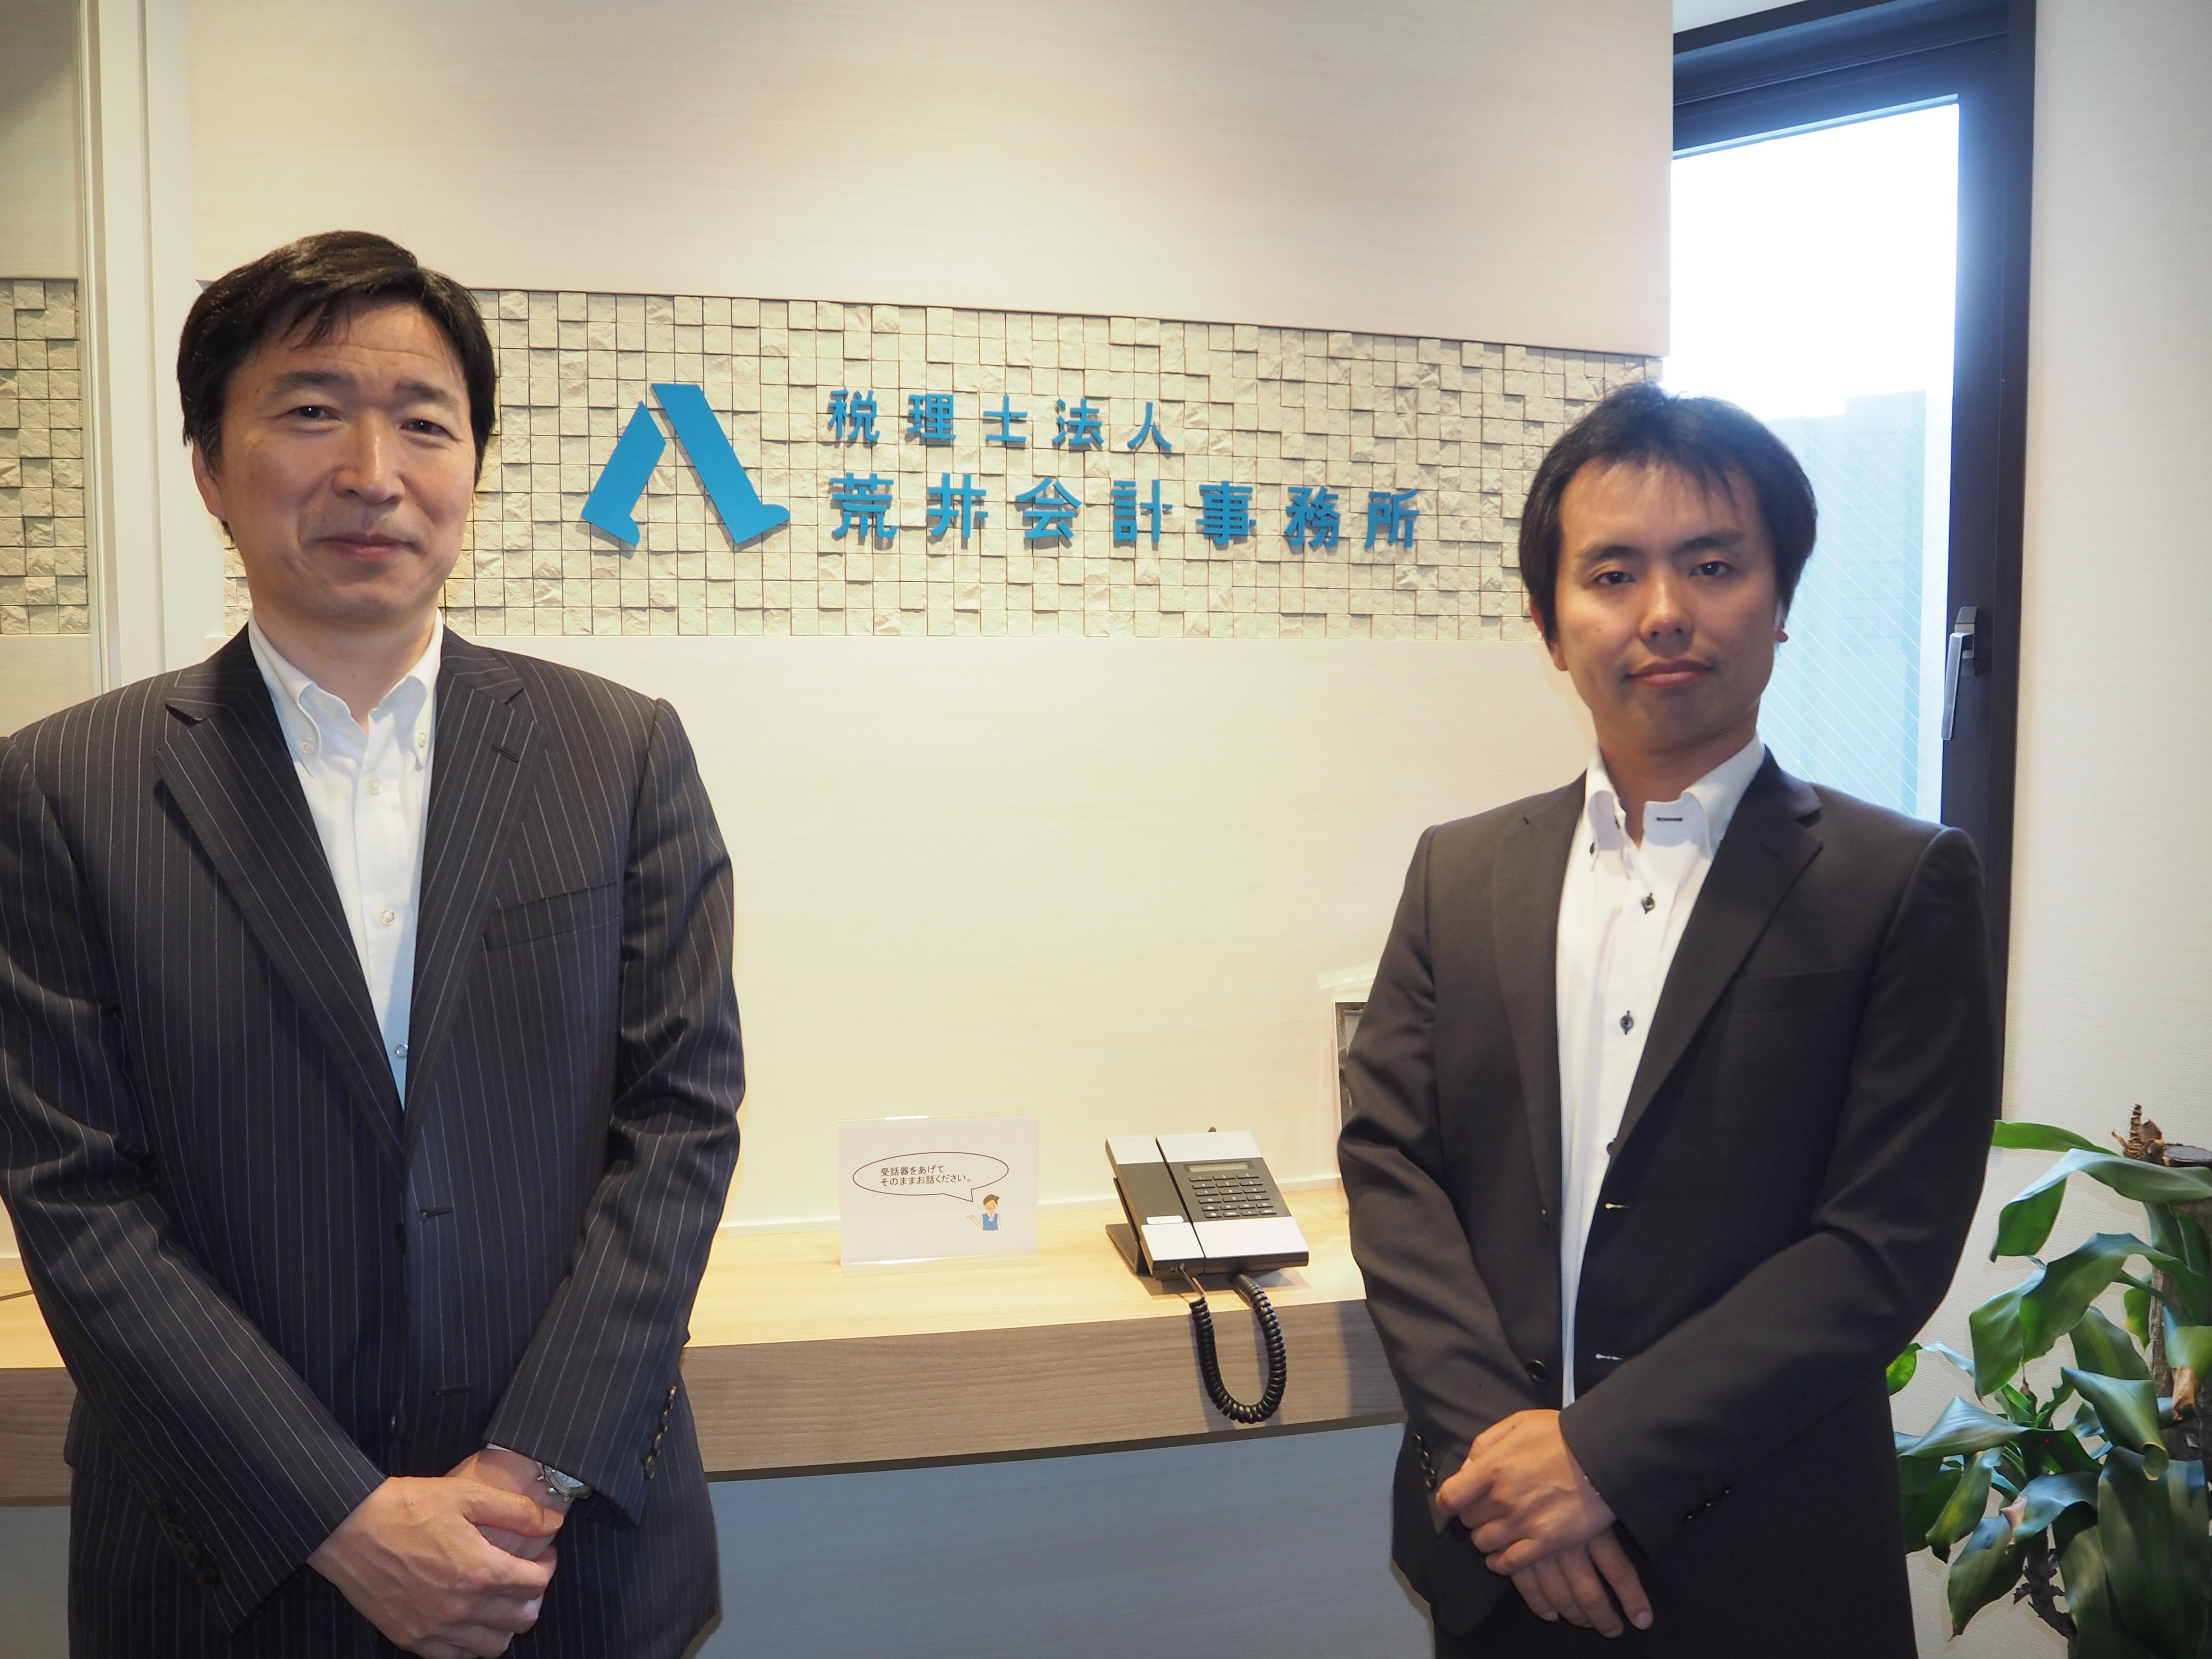 税理士法人 荒井会計事務所  荒井正晴 代表(左) 佐々木良道 税理士(右)